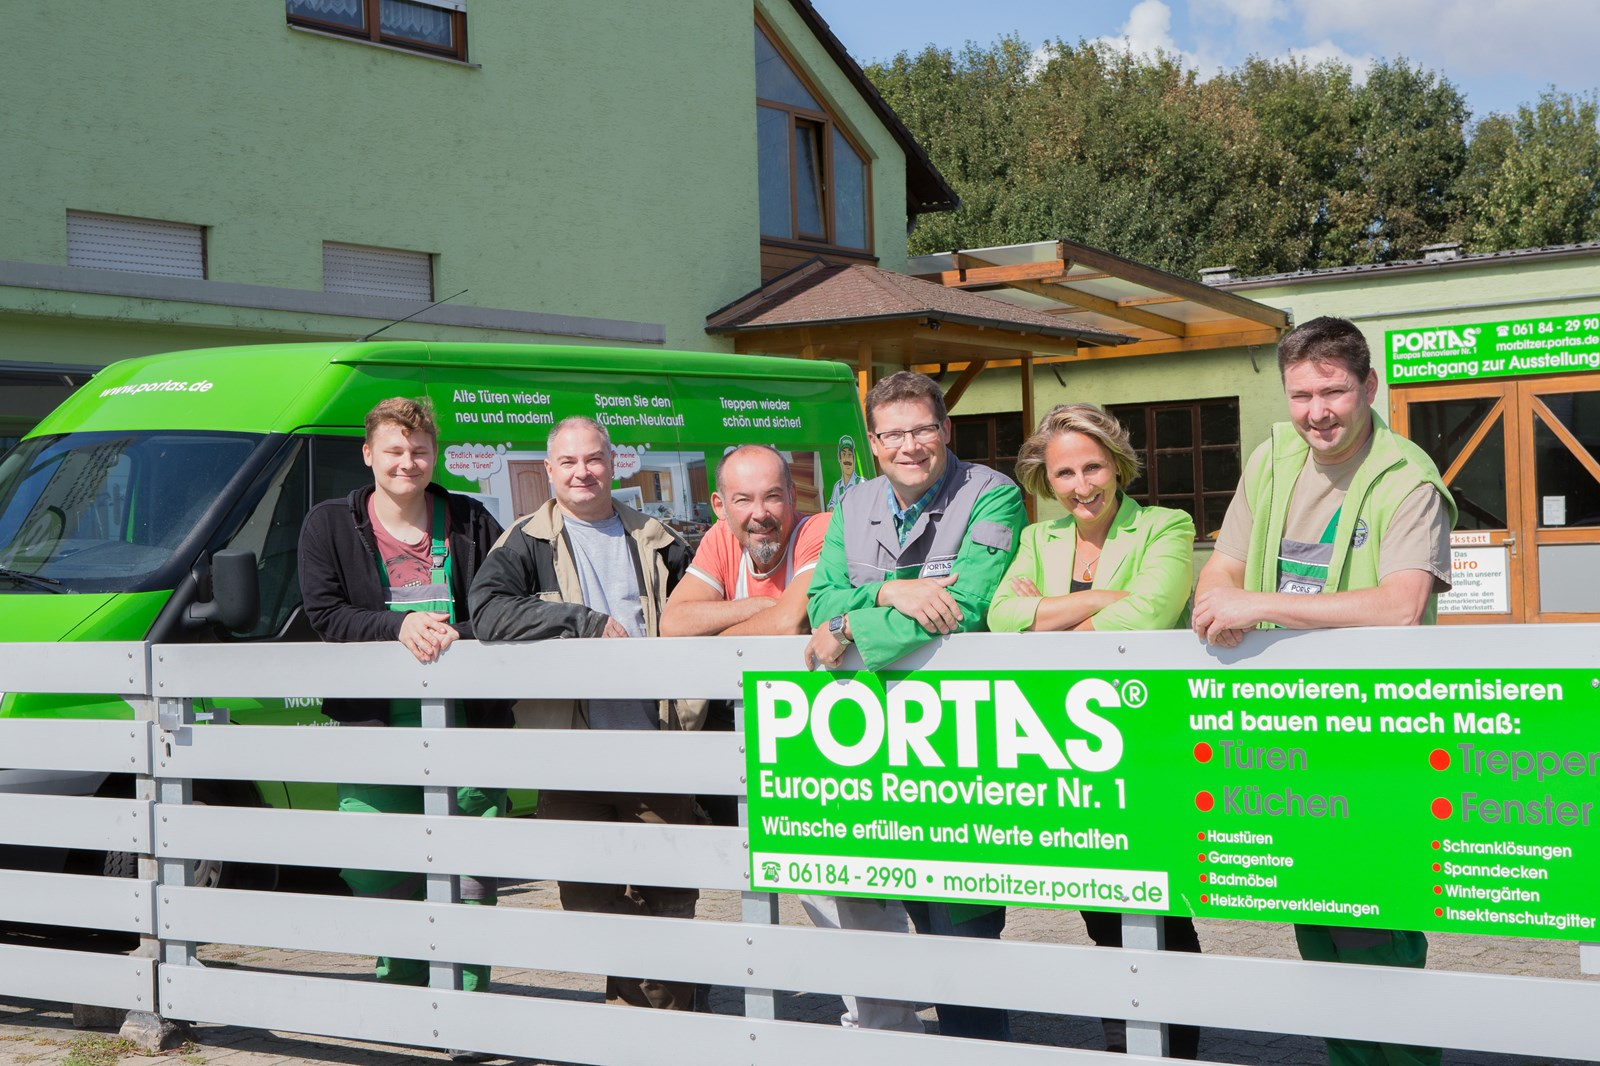 Die Portas Fachbetriebe Ihre Spezialisten Vor Ort Portas Renovierung